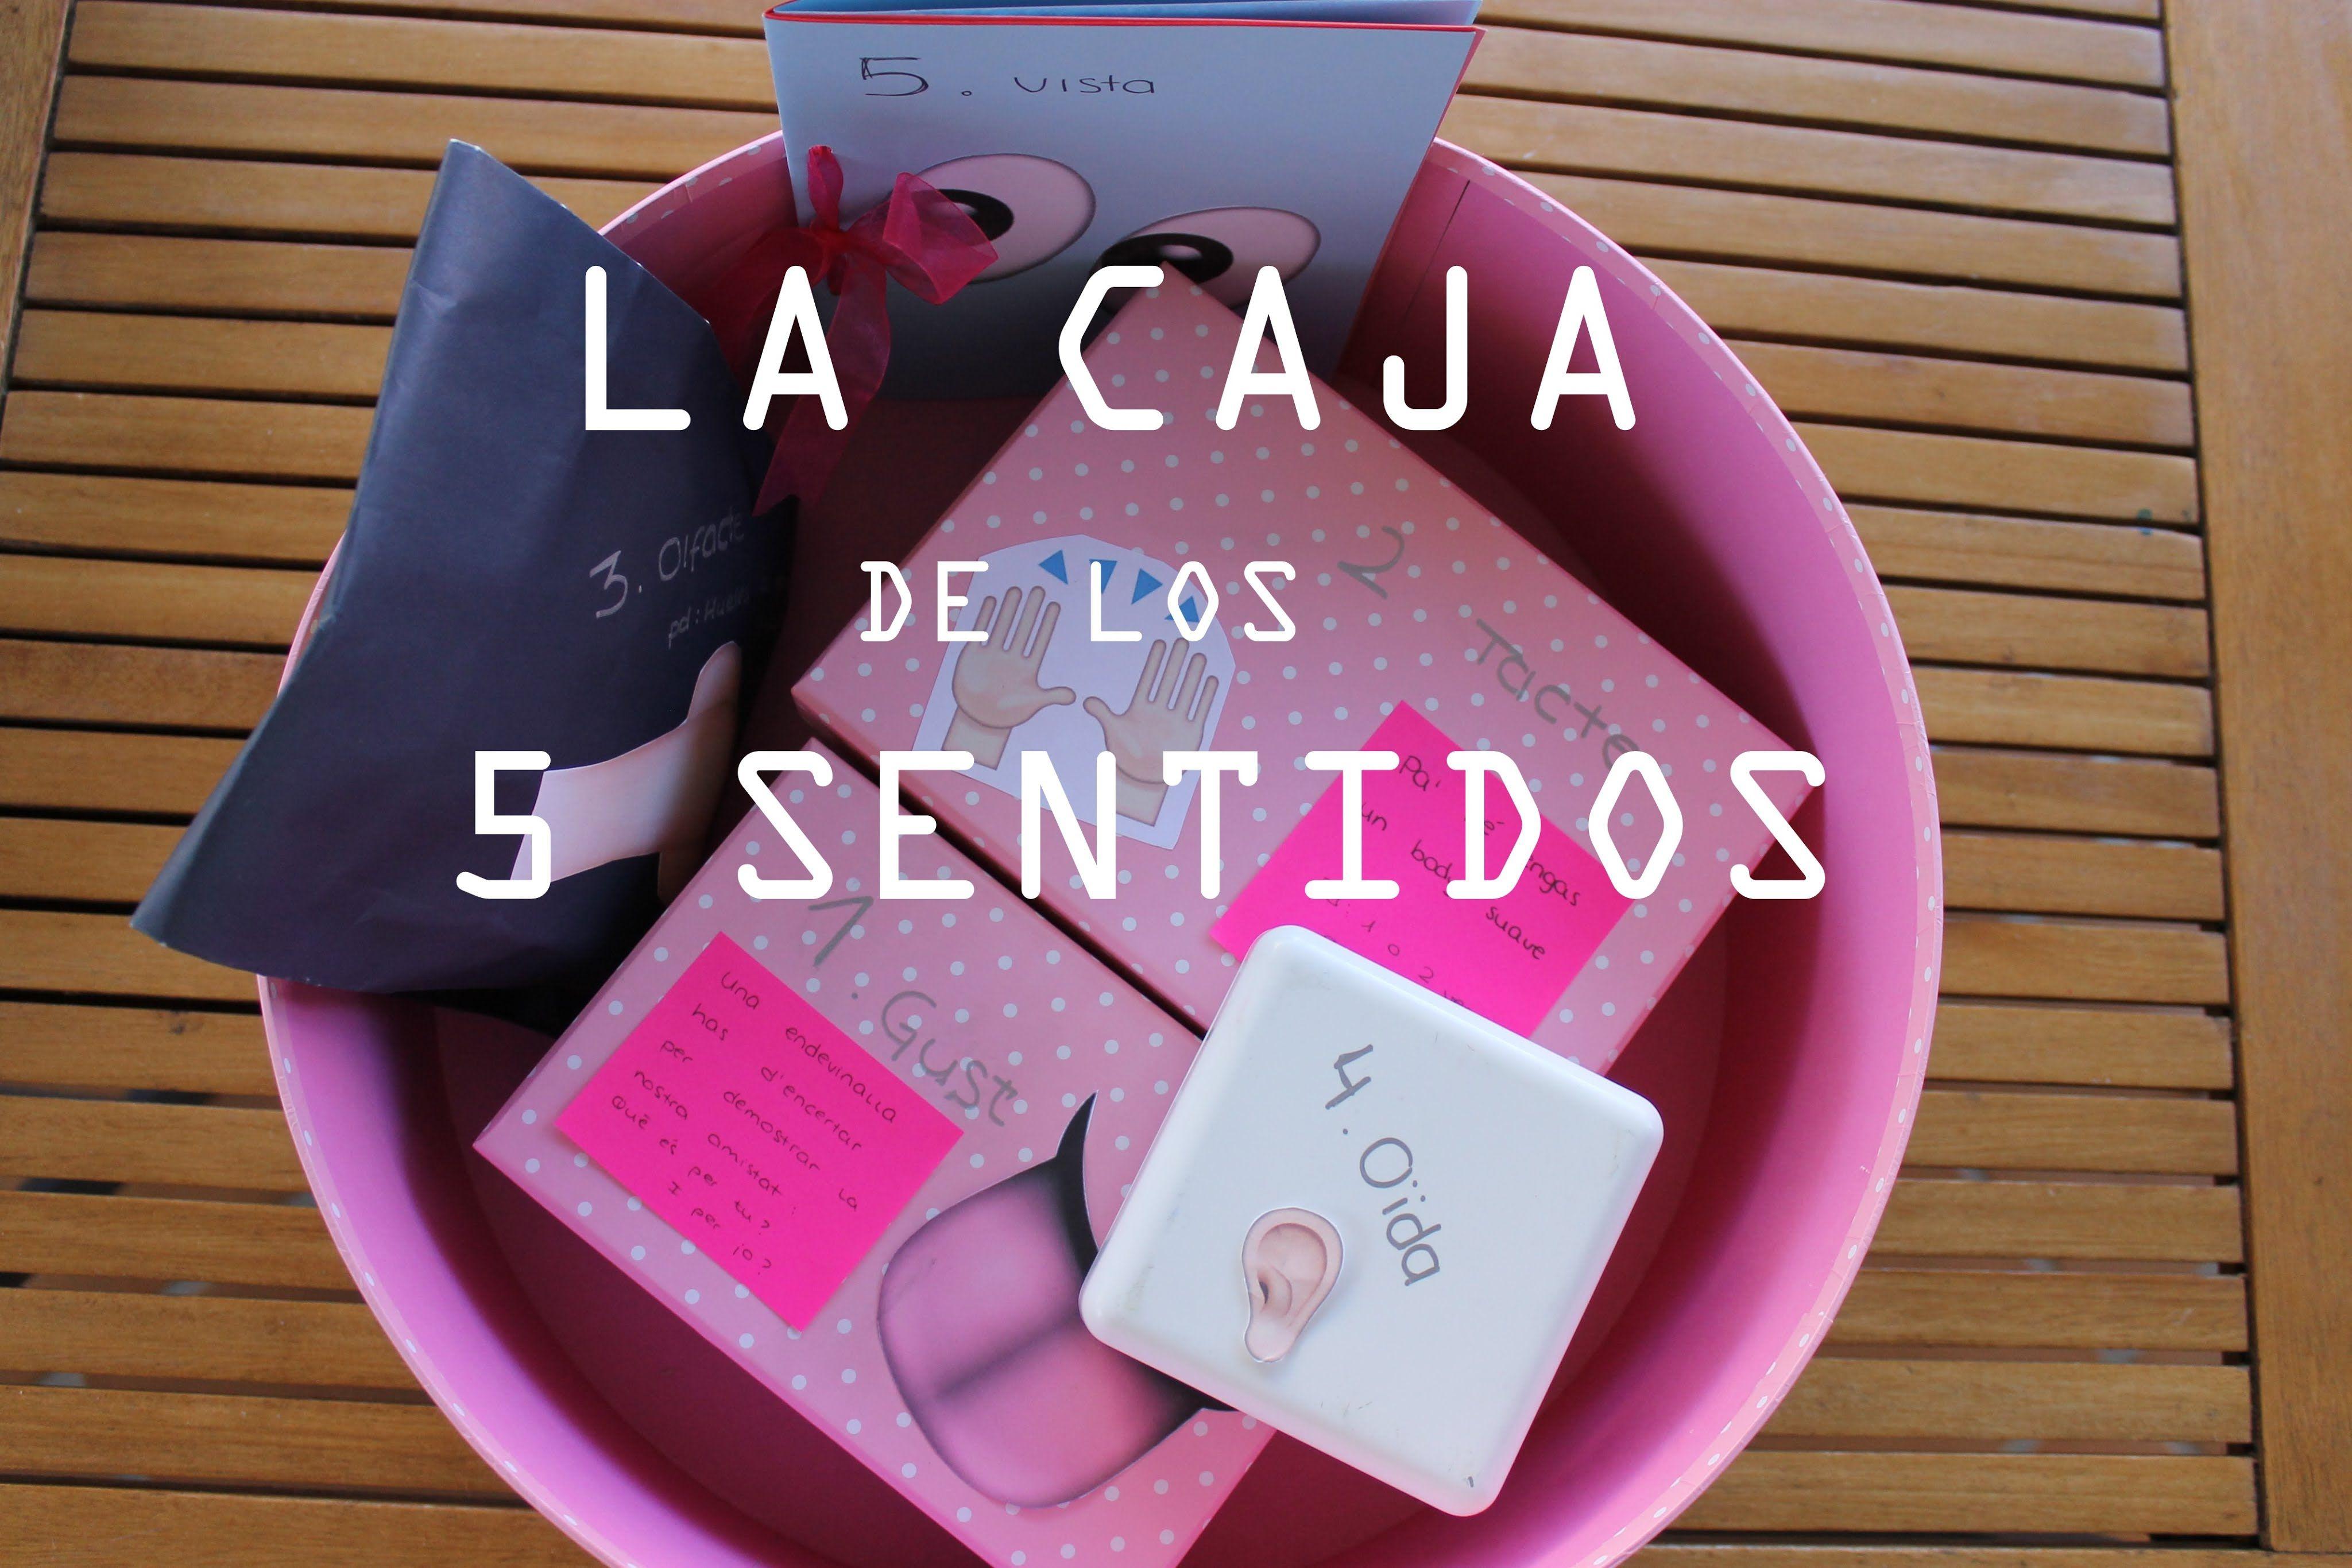 La caja de los 5 sentidos!! Regalo original para una persona